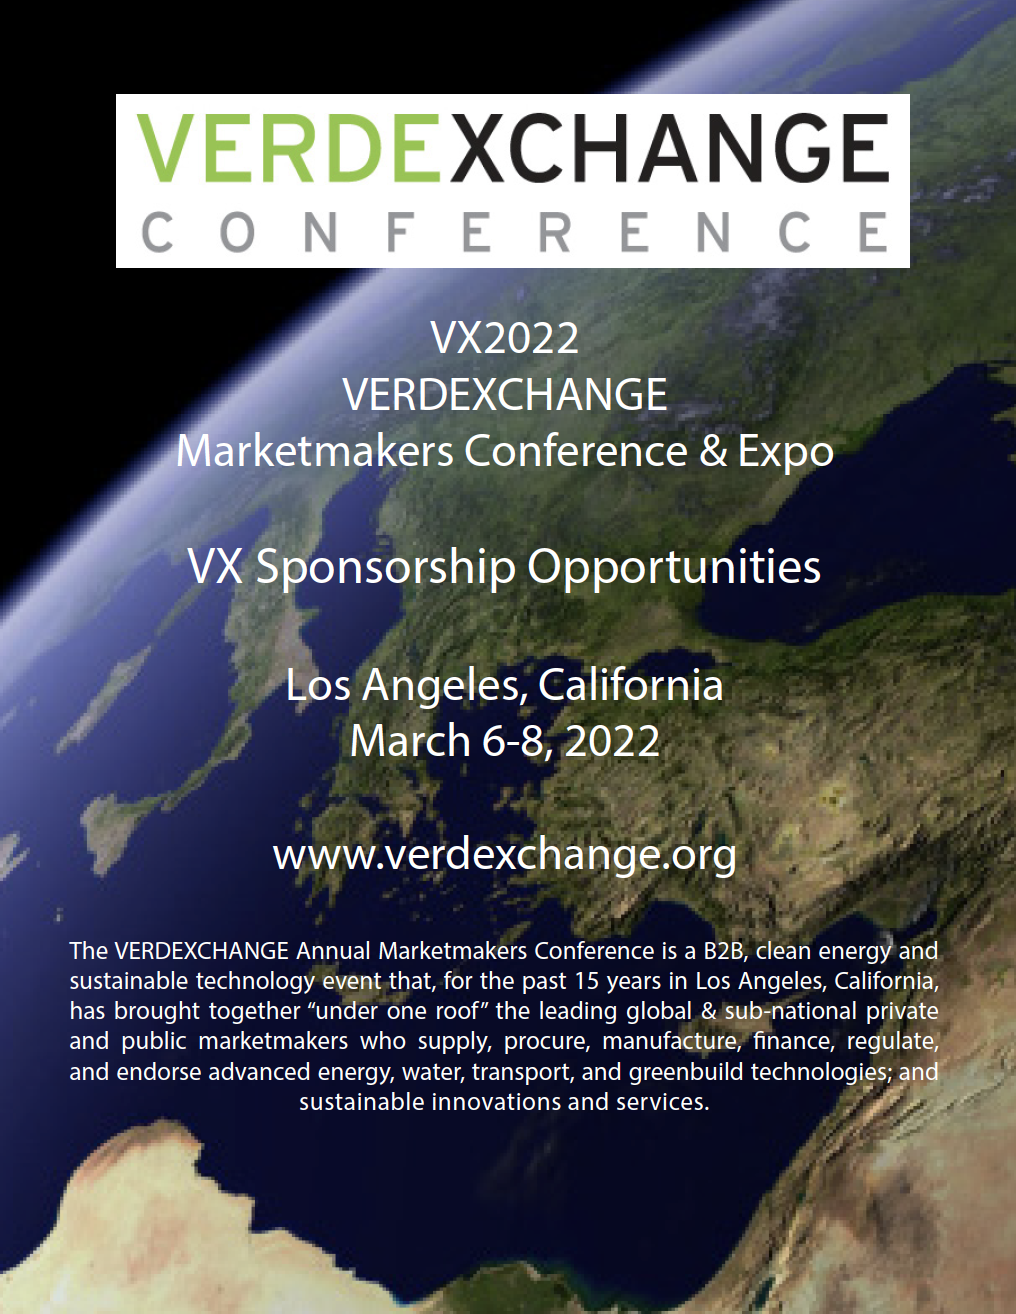 VX2022 Sponsorship Opportunities